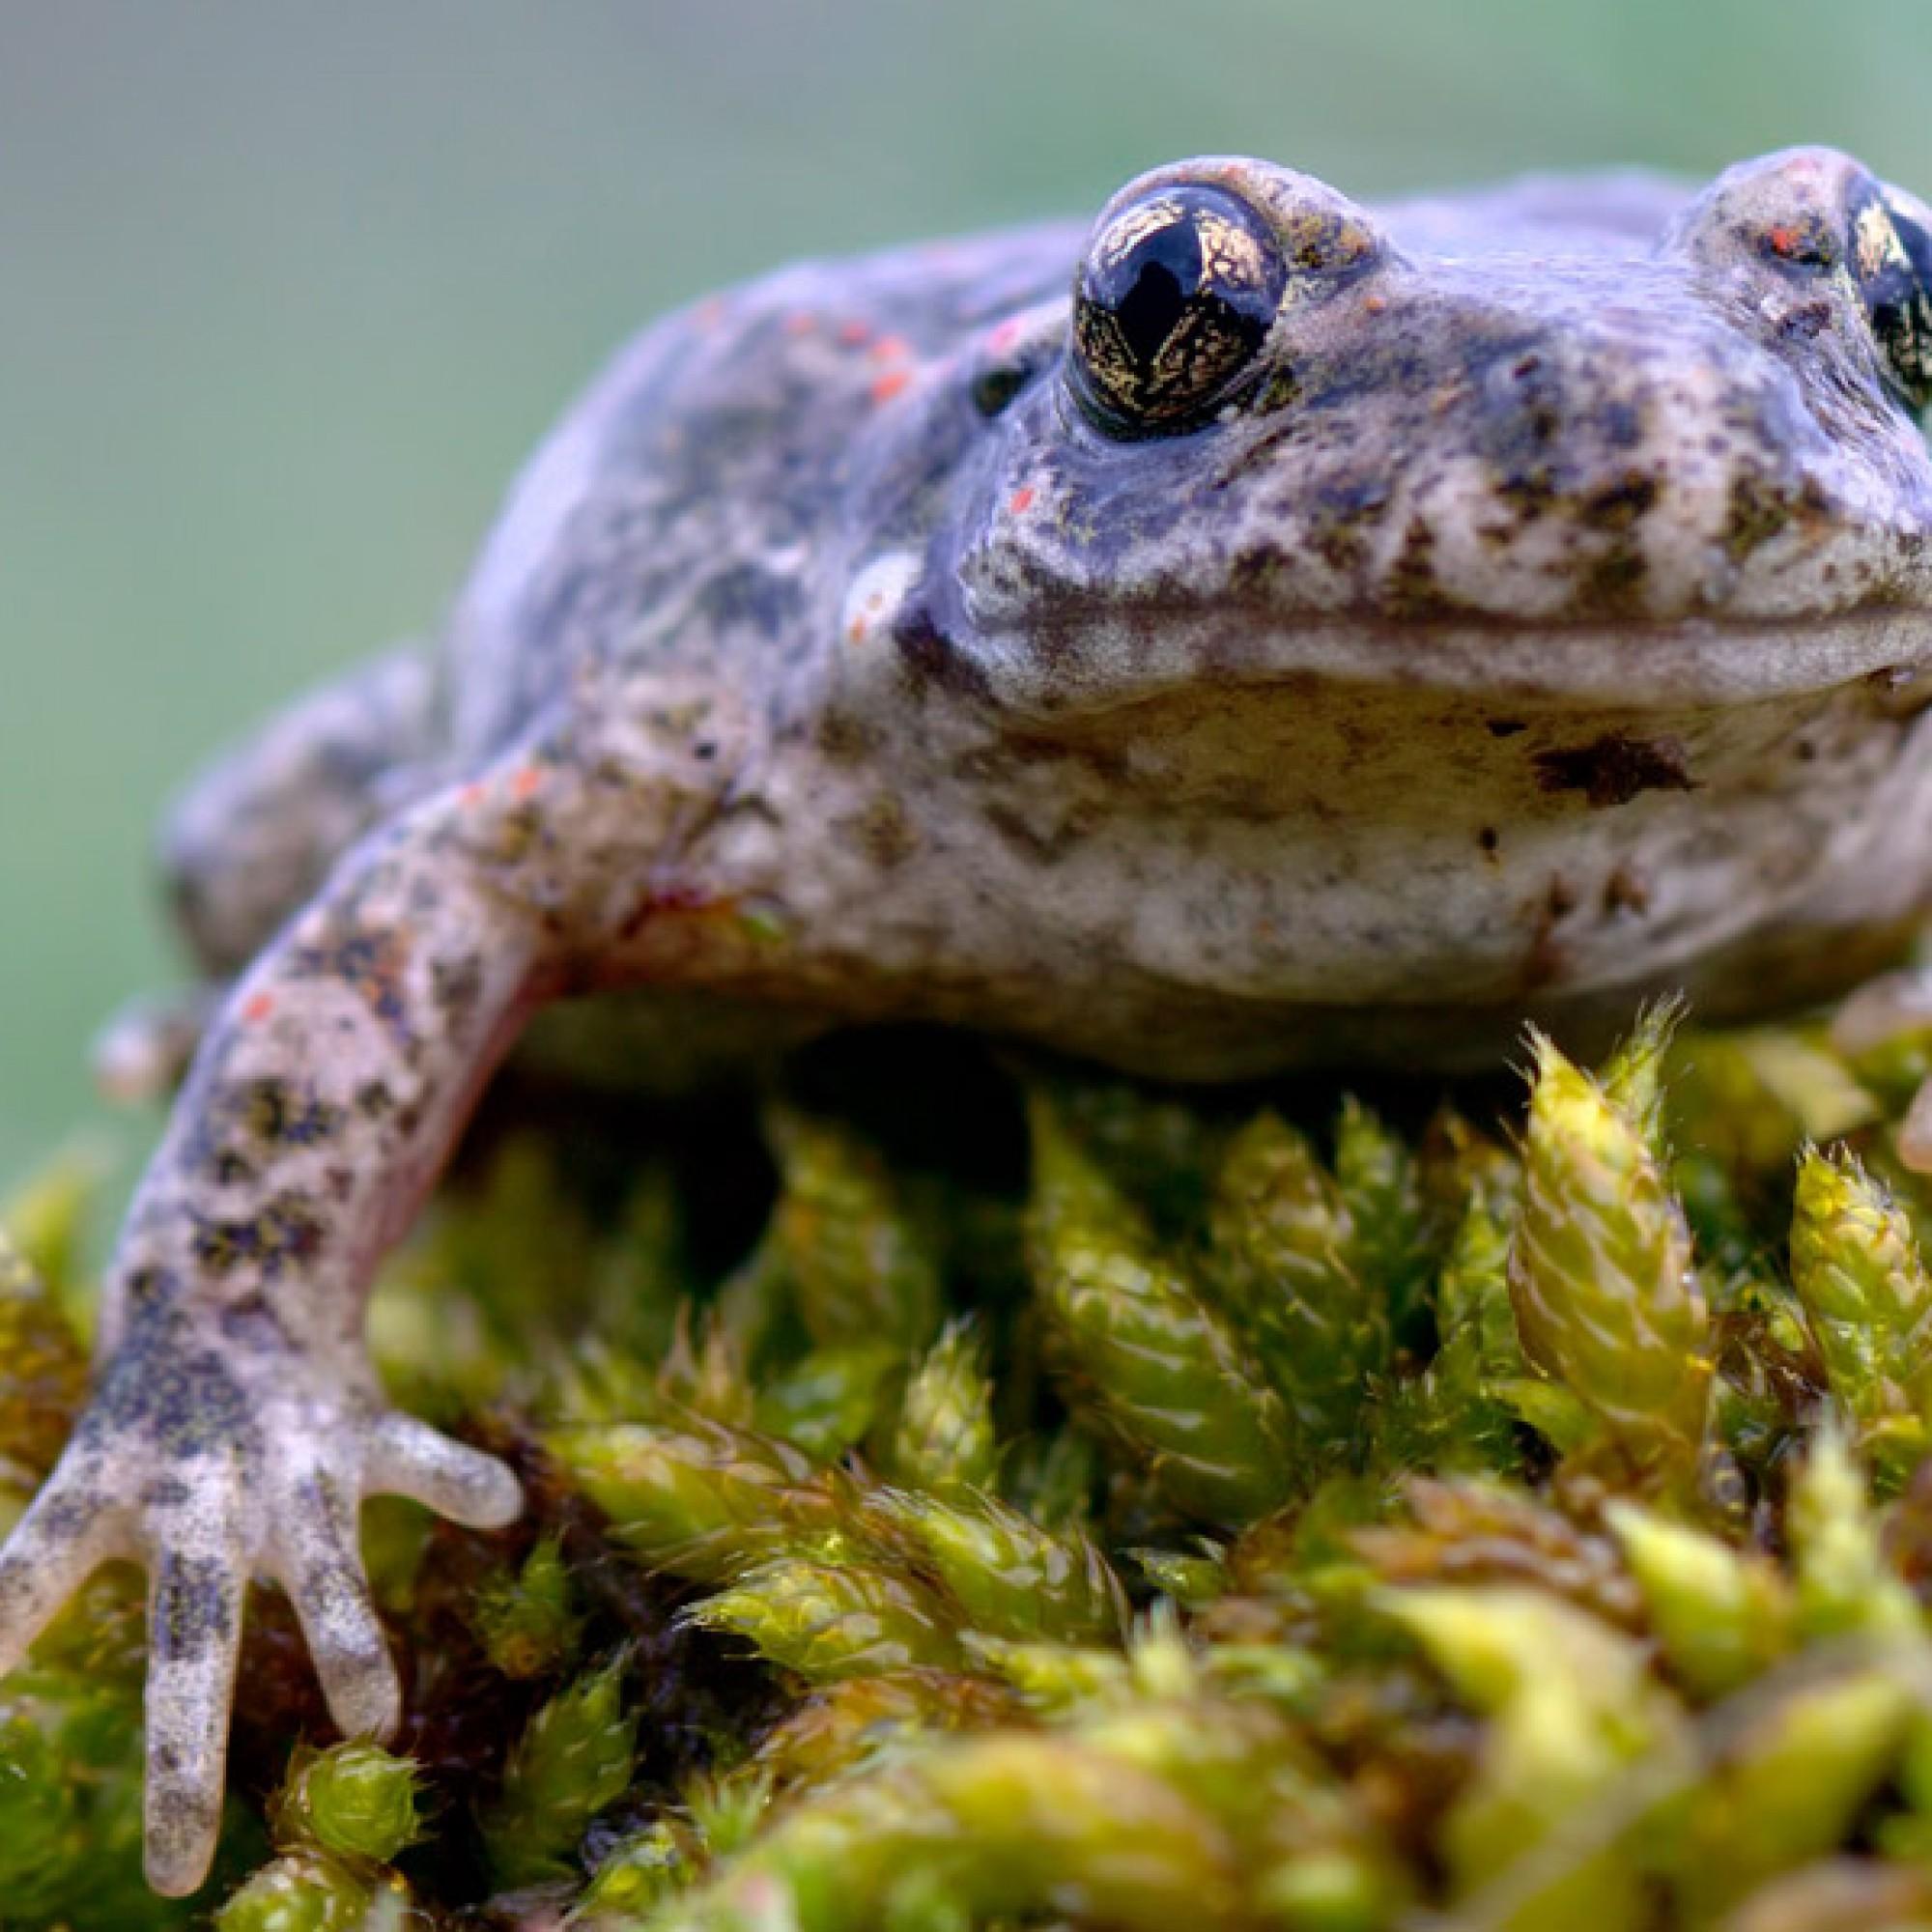 Der Glögglifrosch war 2013 von Pro Natura zum Tier des Jahres erklärt worden. (Felix Reimann, wikimedia.org, CC)